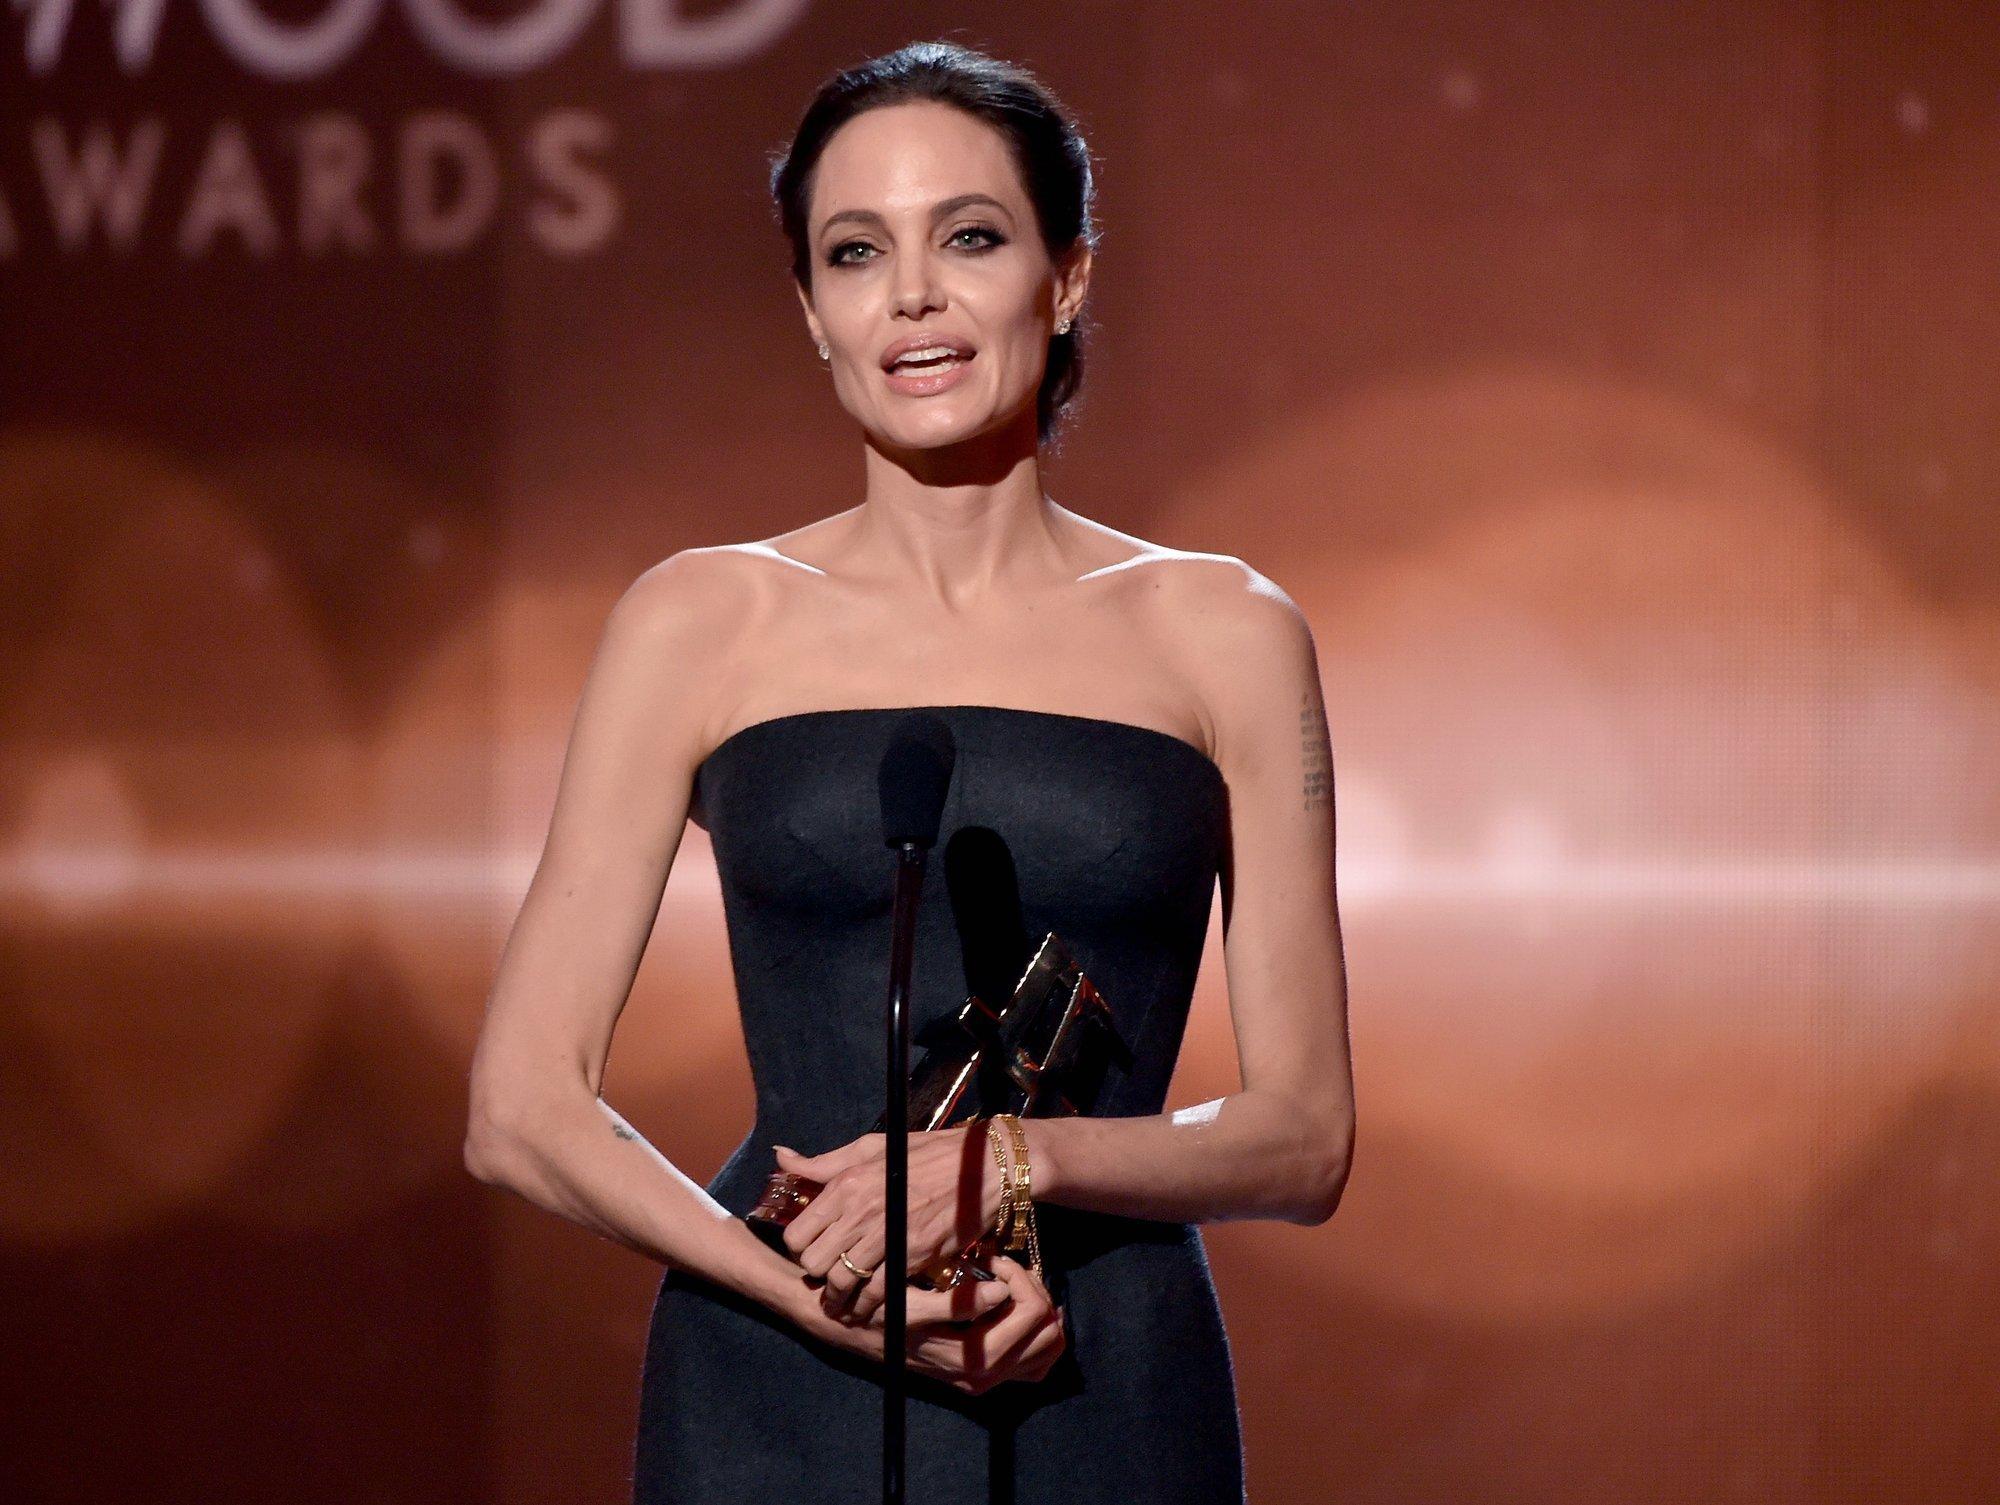 Анджелина Джоли в период анорексии